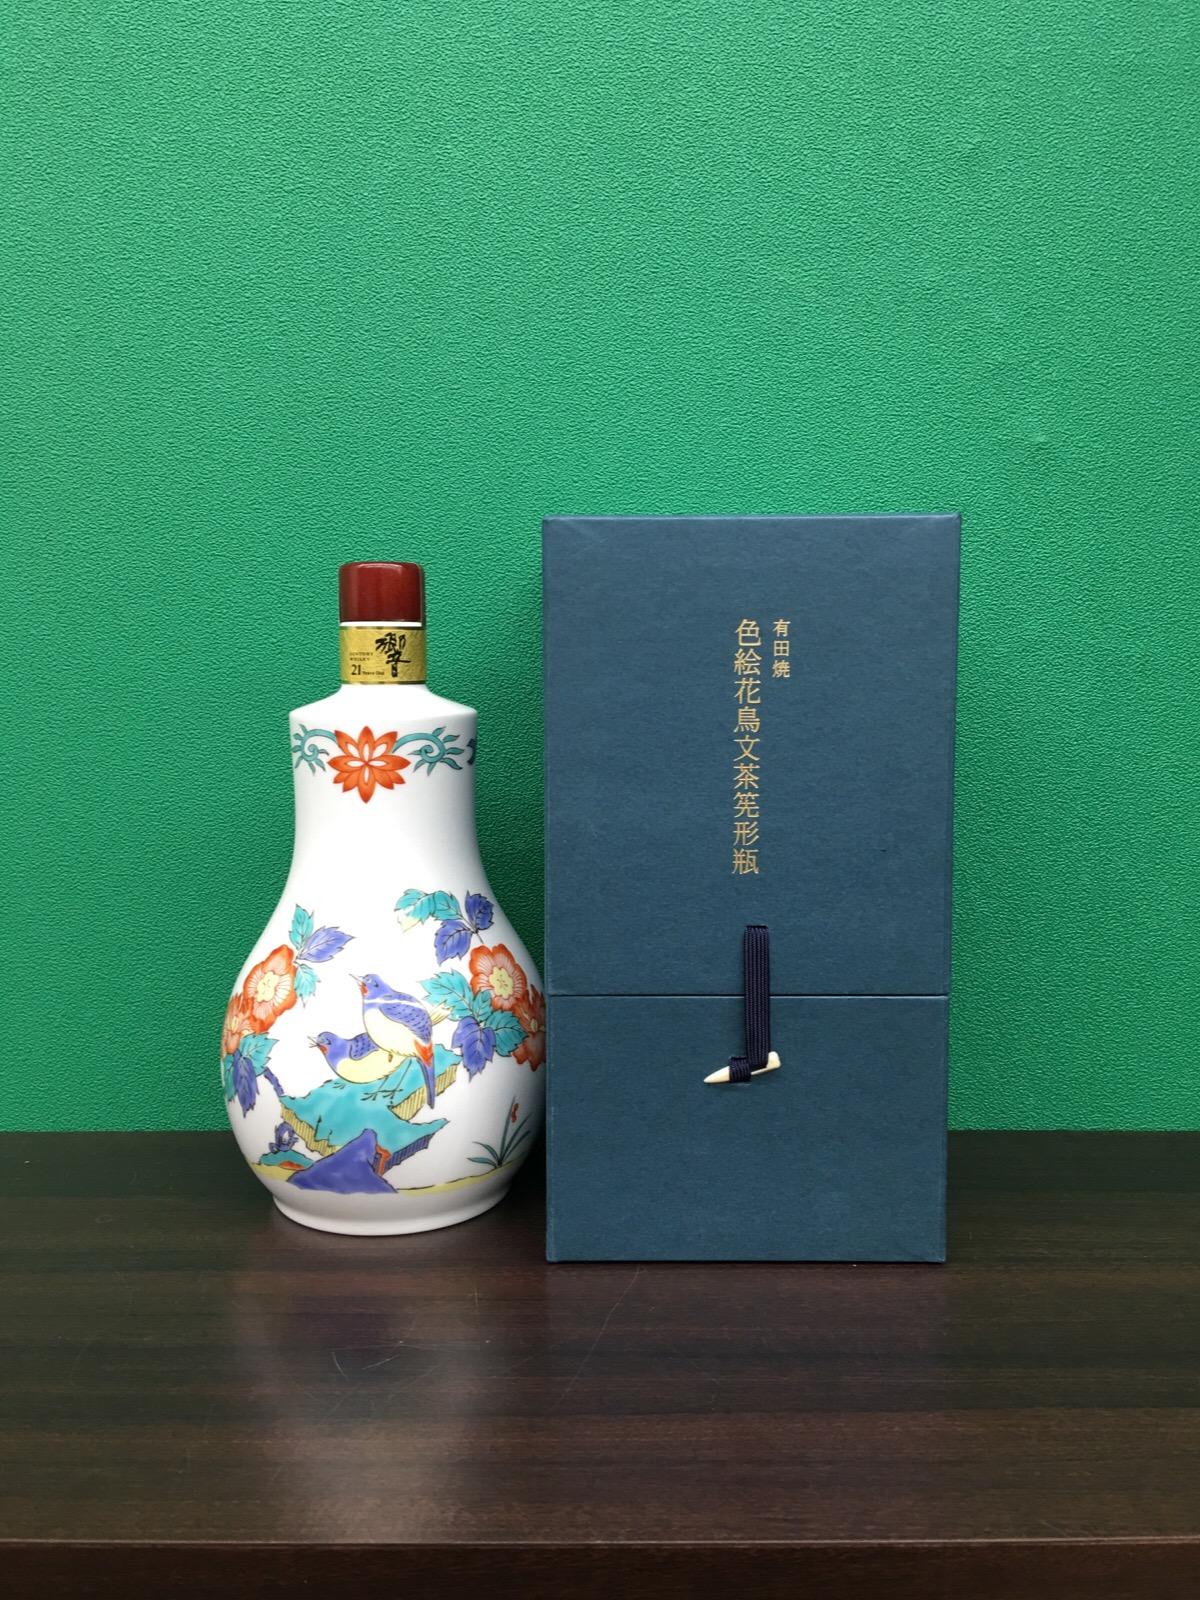 サントリーボトルコレクション響21年 有田焼(色絵花鳥文茶筅形瓶)ボトル